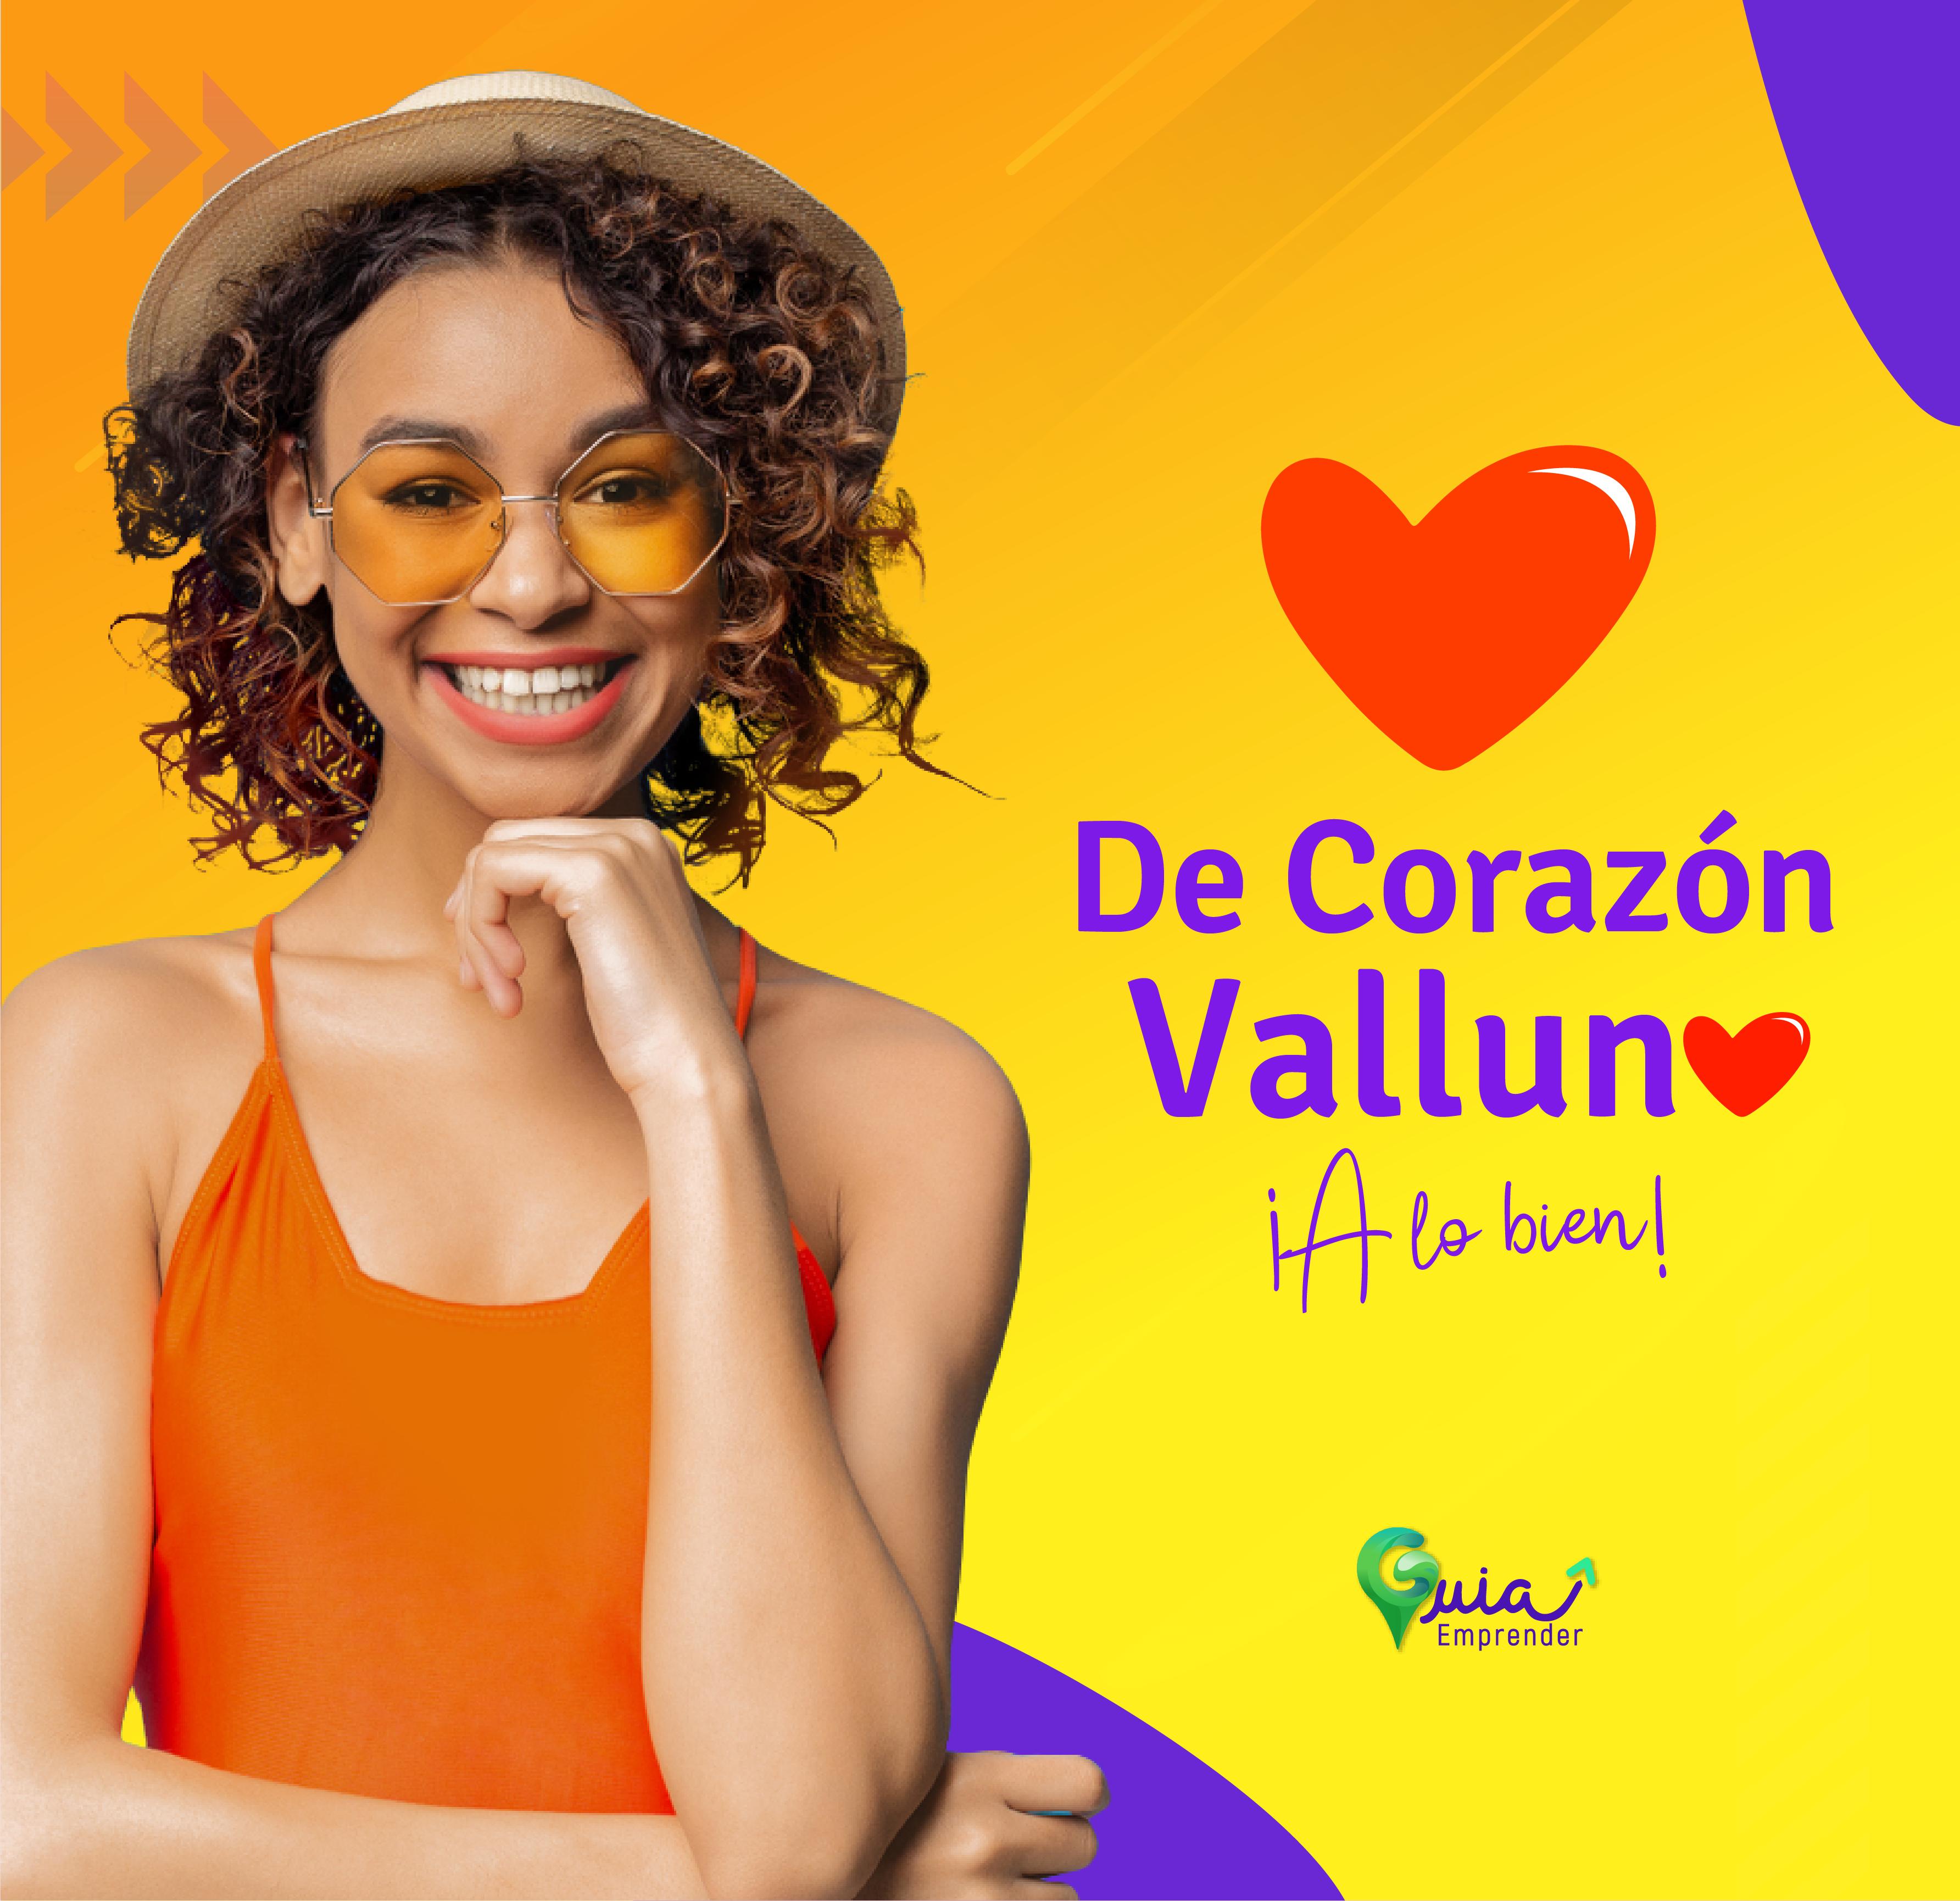 De-corazón-valluno-cali-estrategia-marketing-pagina-web-12